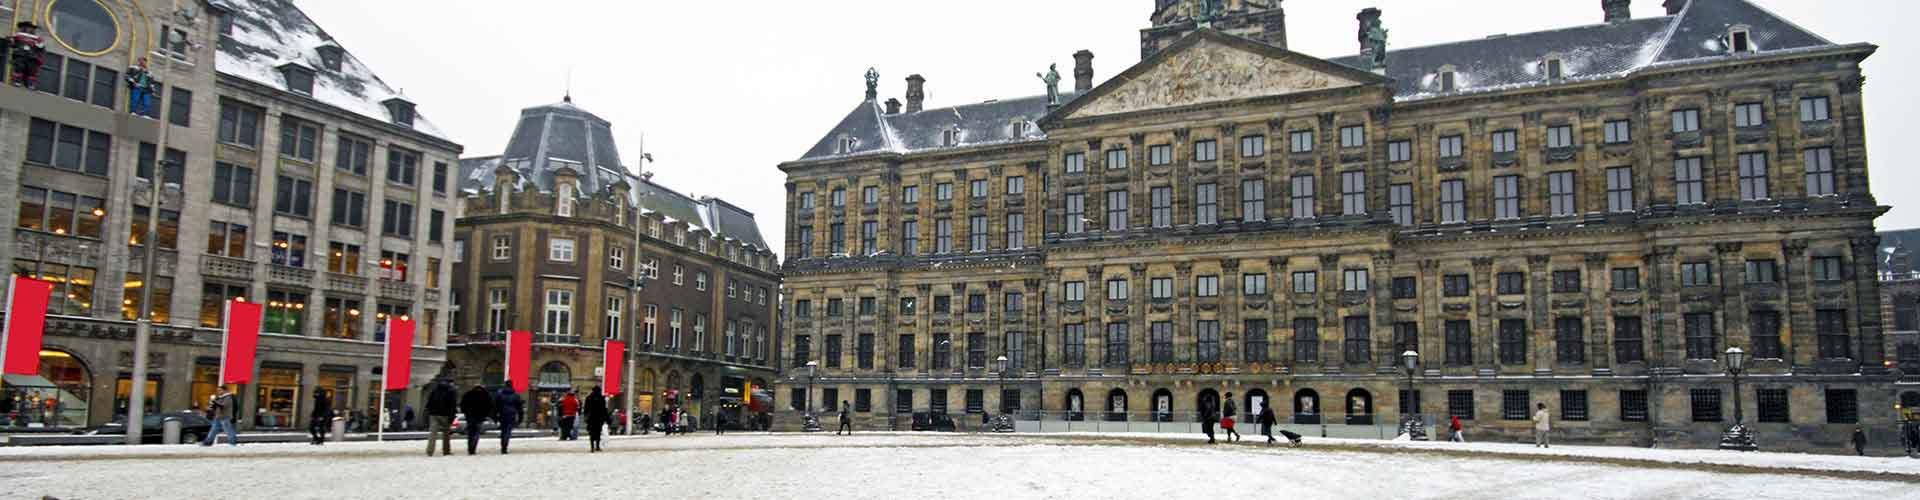 Amsterdam - Hôtels près de Palais Royal. Cartes pour Amsterdam, photos et commentaires pour chaque Hôtel à Amsterdam.